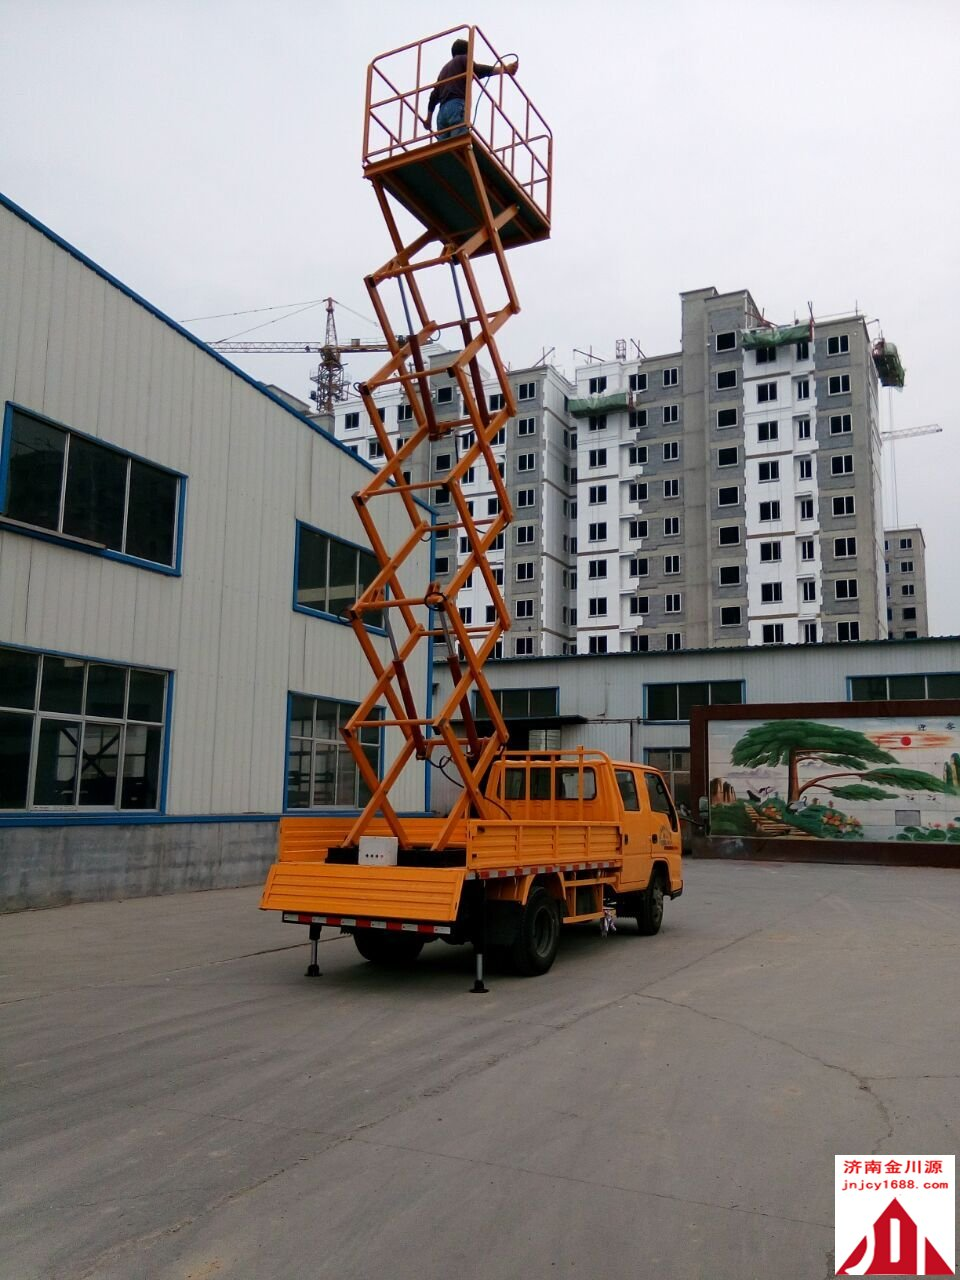 车载升降机是把升降机安装在汽车上的高空作业设备